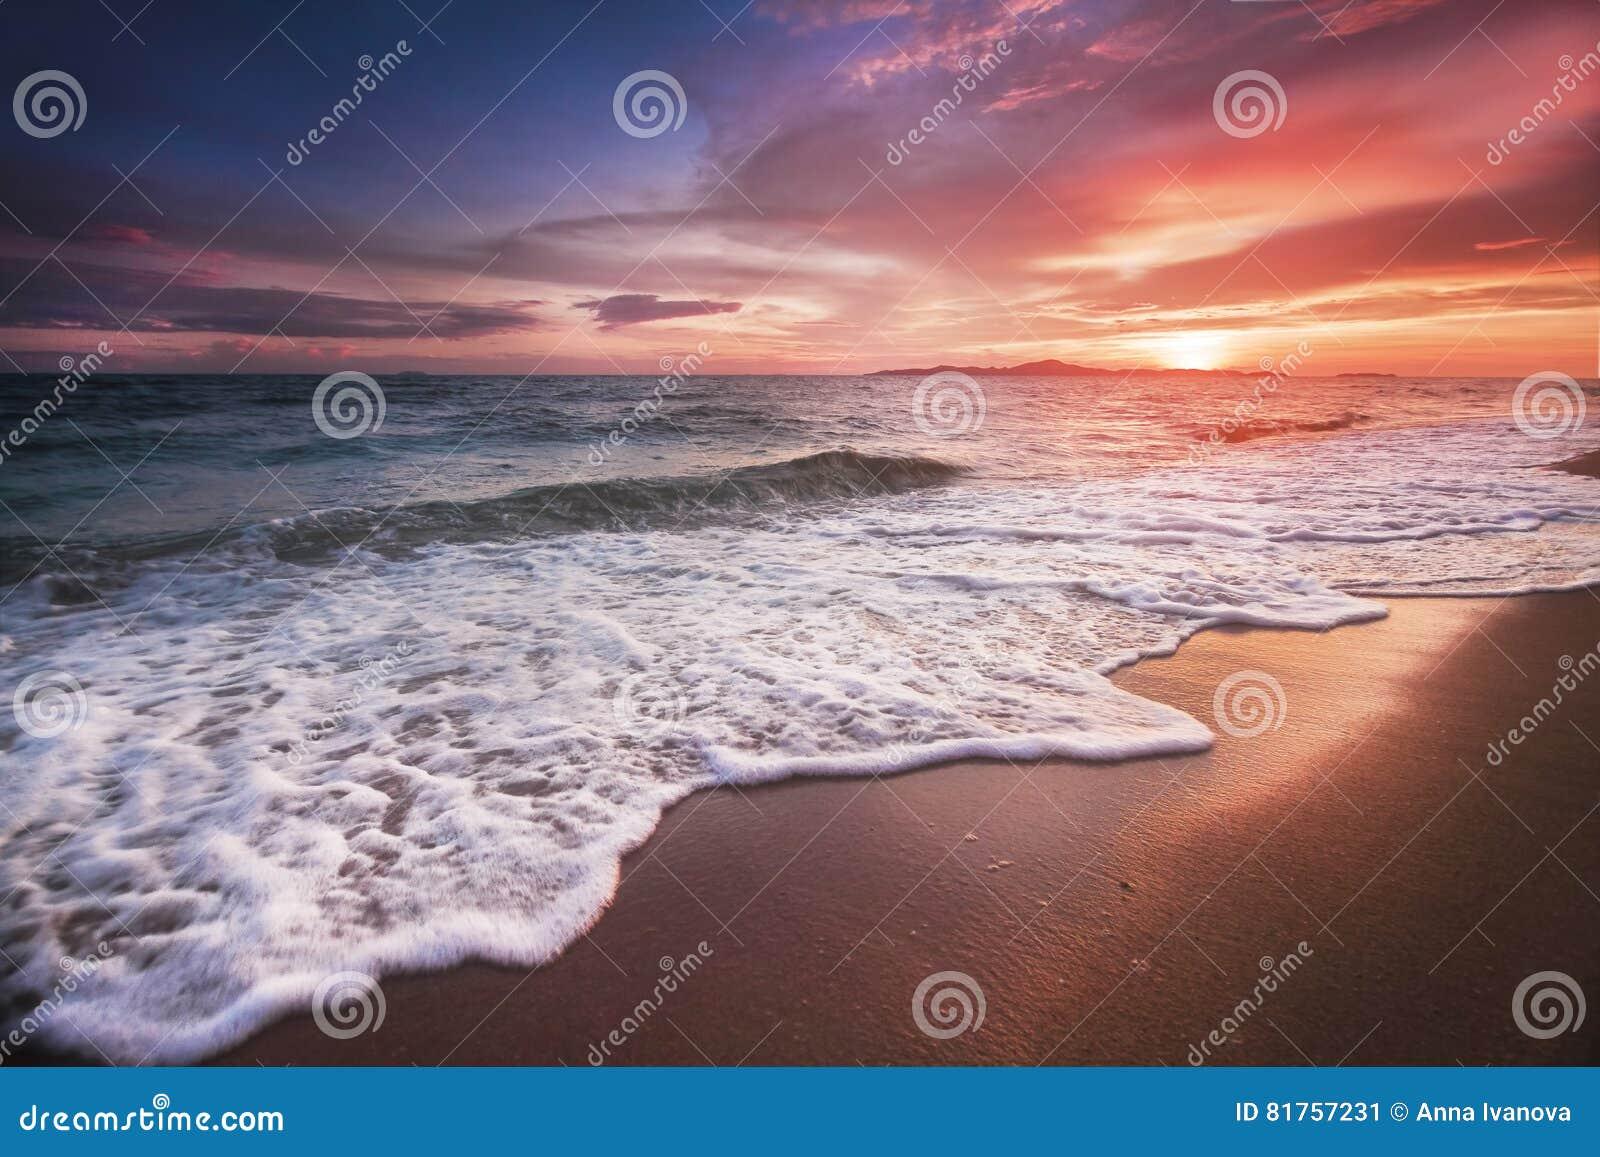 Tramonto incredibilmente bello sulla spiaggia in Tailandia Sun, cielo, mare, onde e sabbia Una festa dal mare